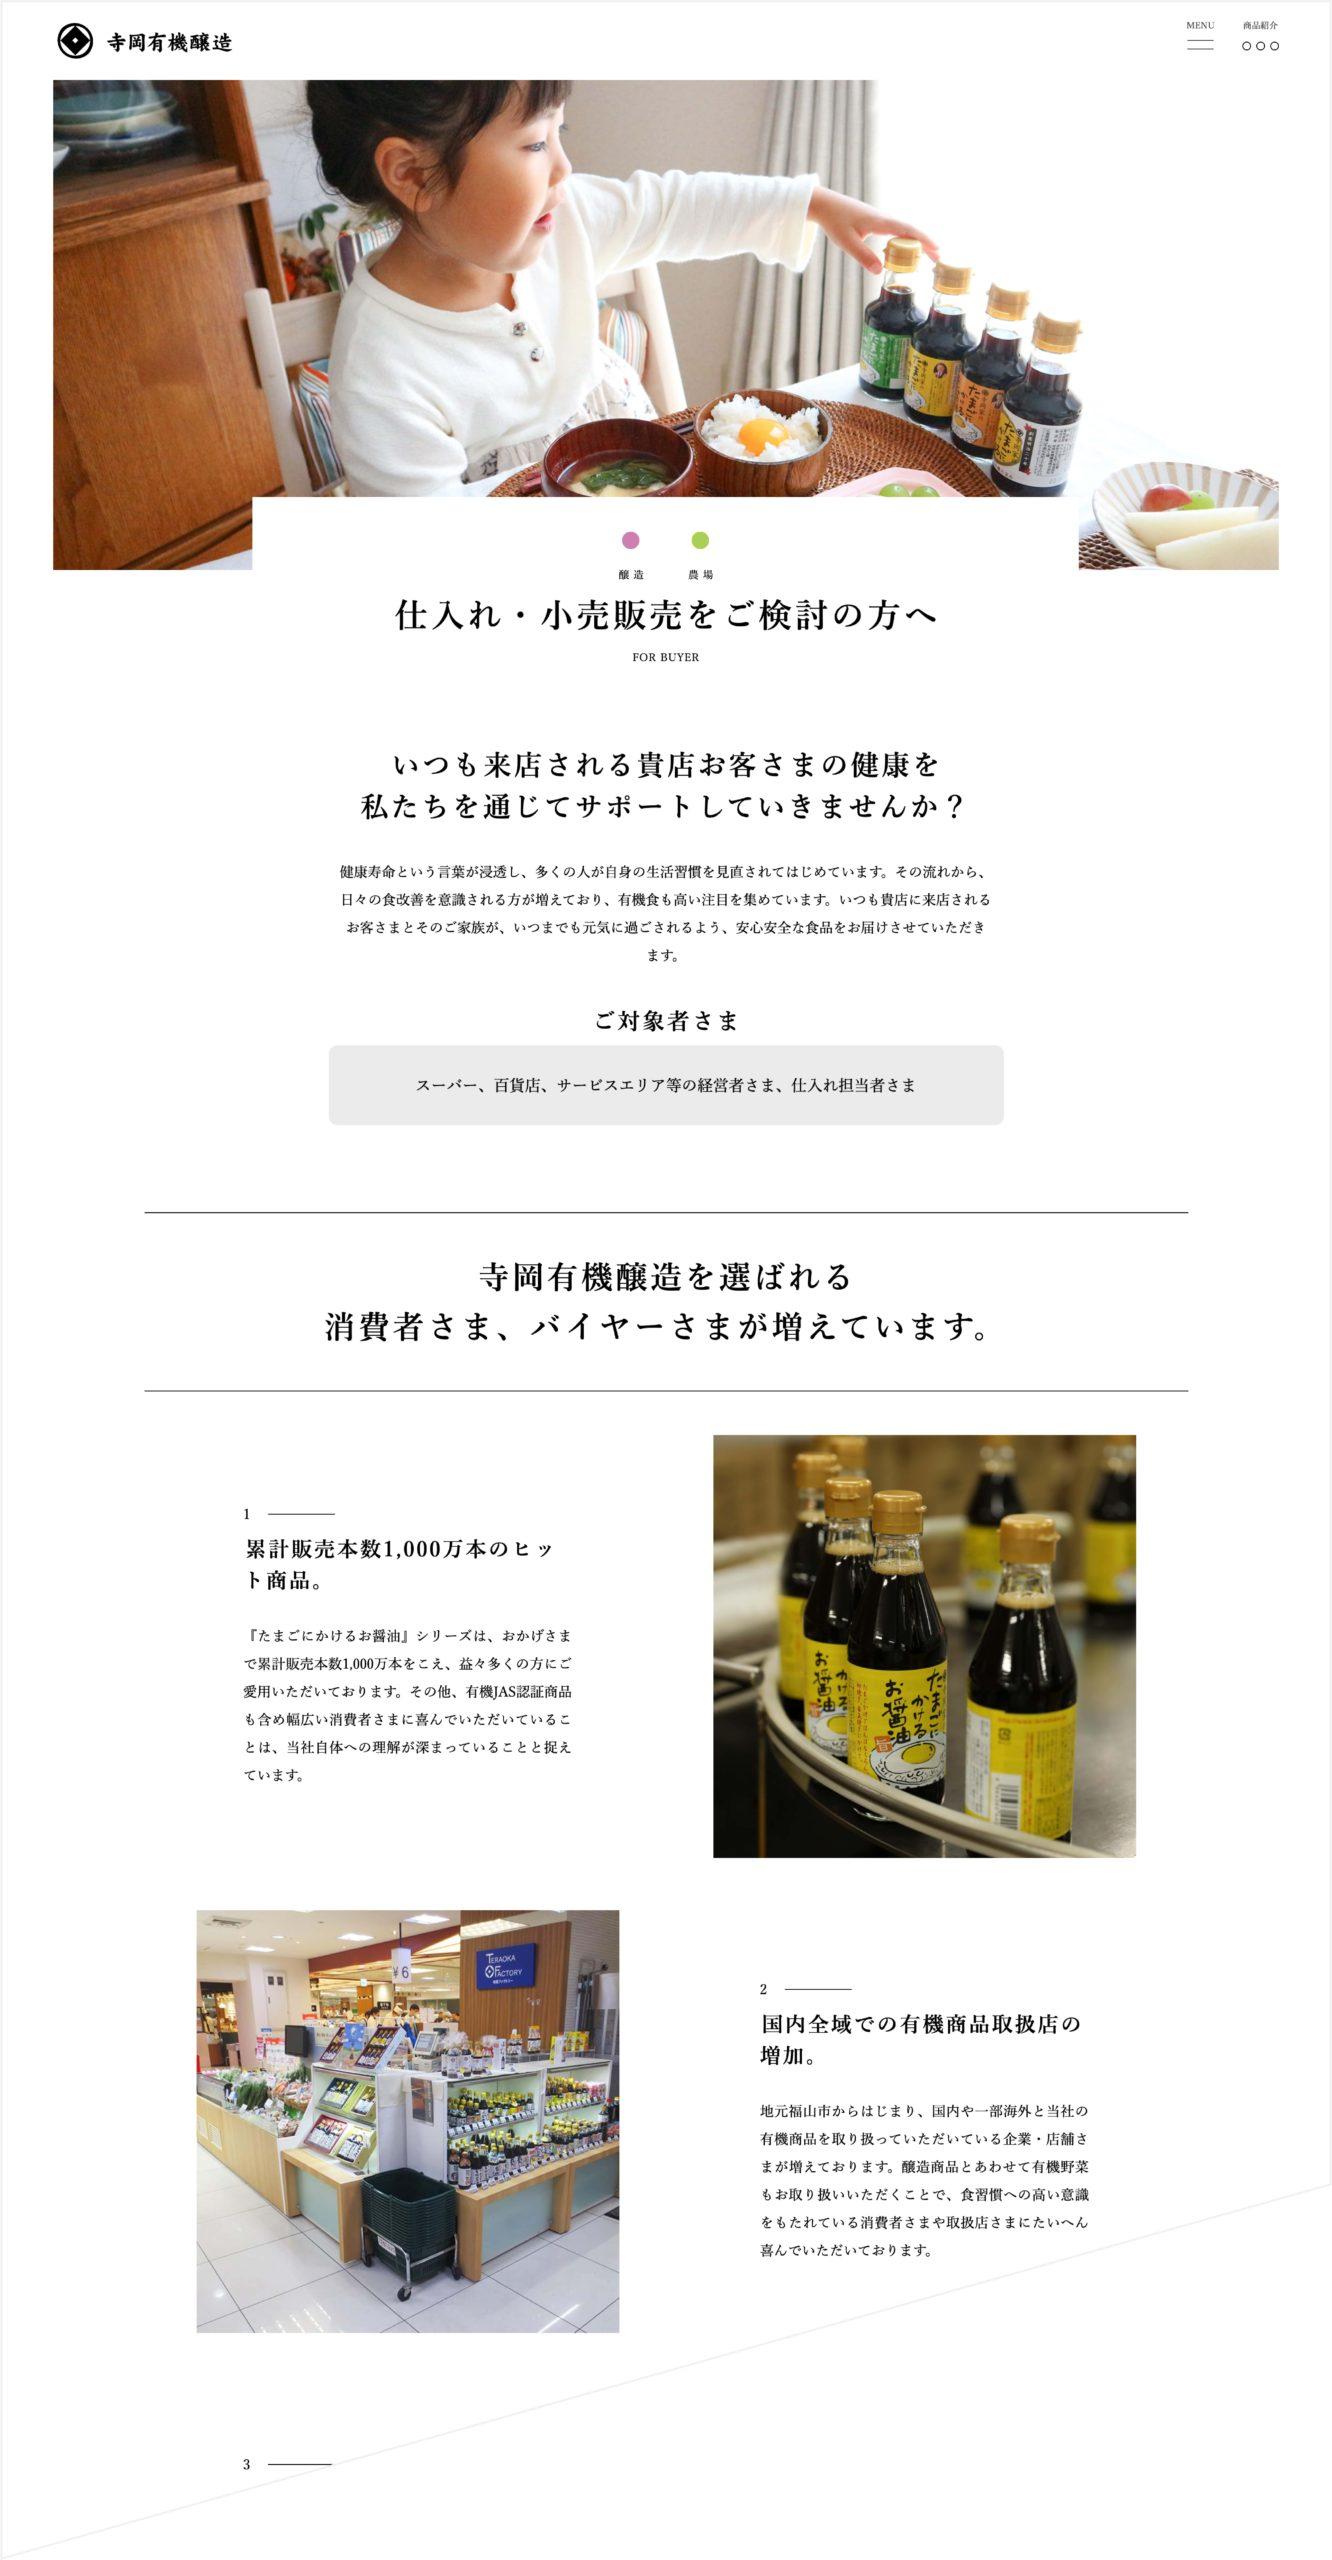 【醸造・農場】仕入れ・小売販売をご検討の方